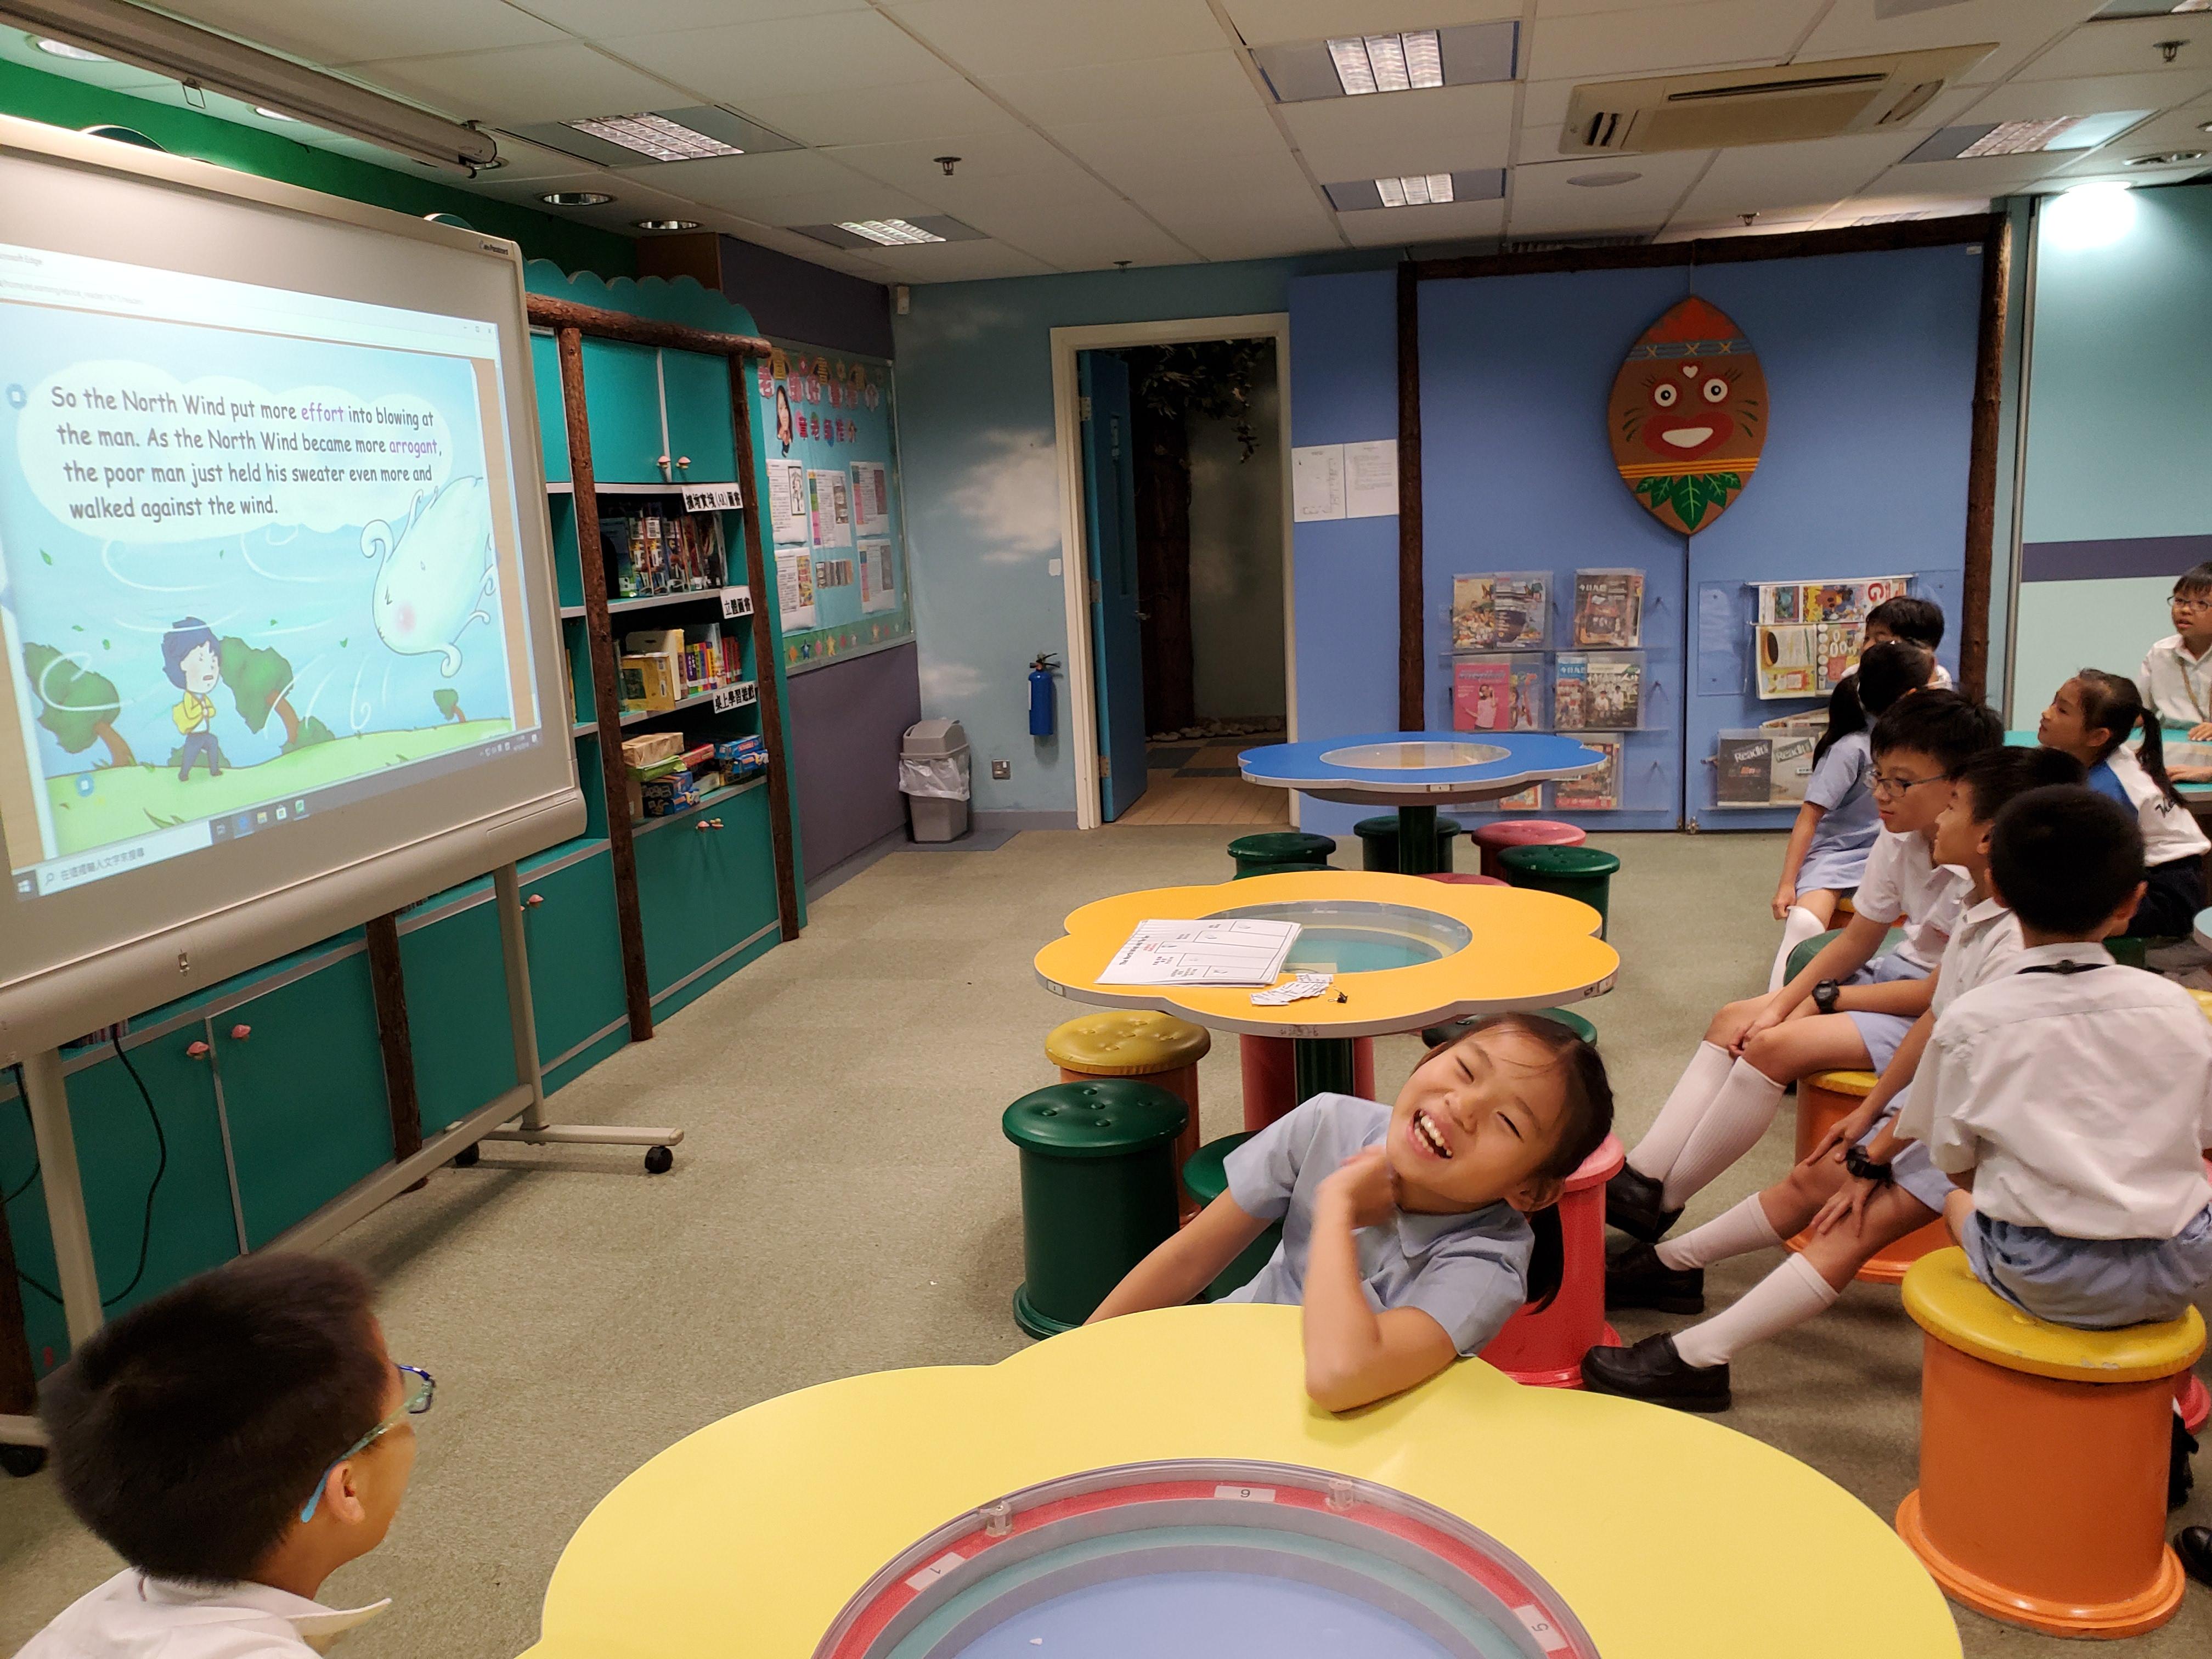 http://www.keiwan.edu.hk/sites/default/files/20191004_110941.jpg